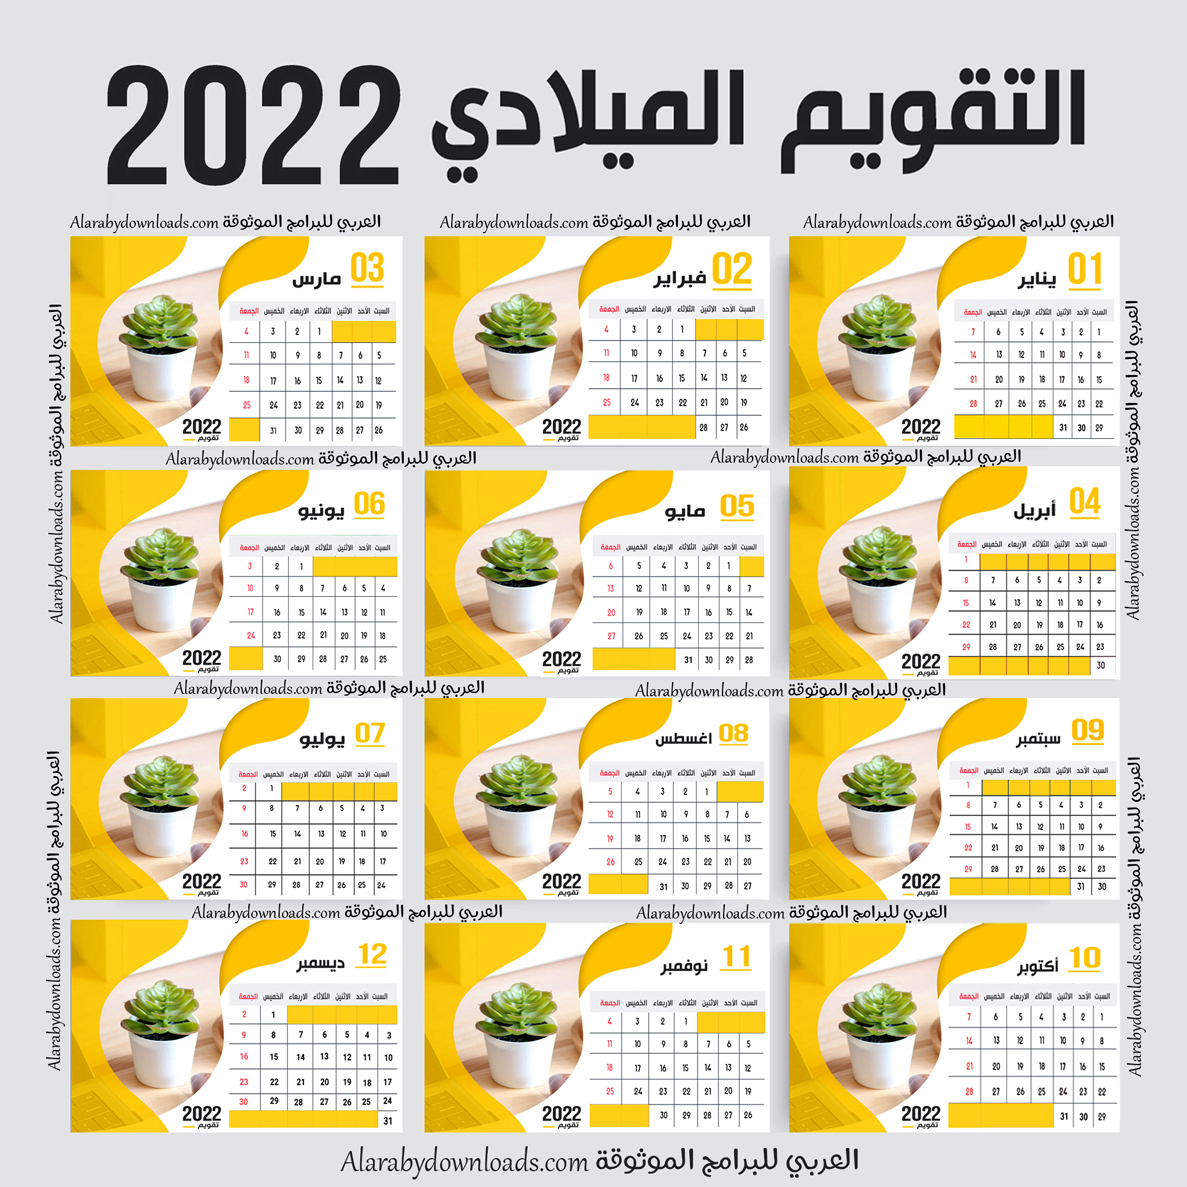 تحميل تقويم 2022 الميلادي - التقويم الميلادي لعام 2022